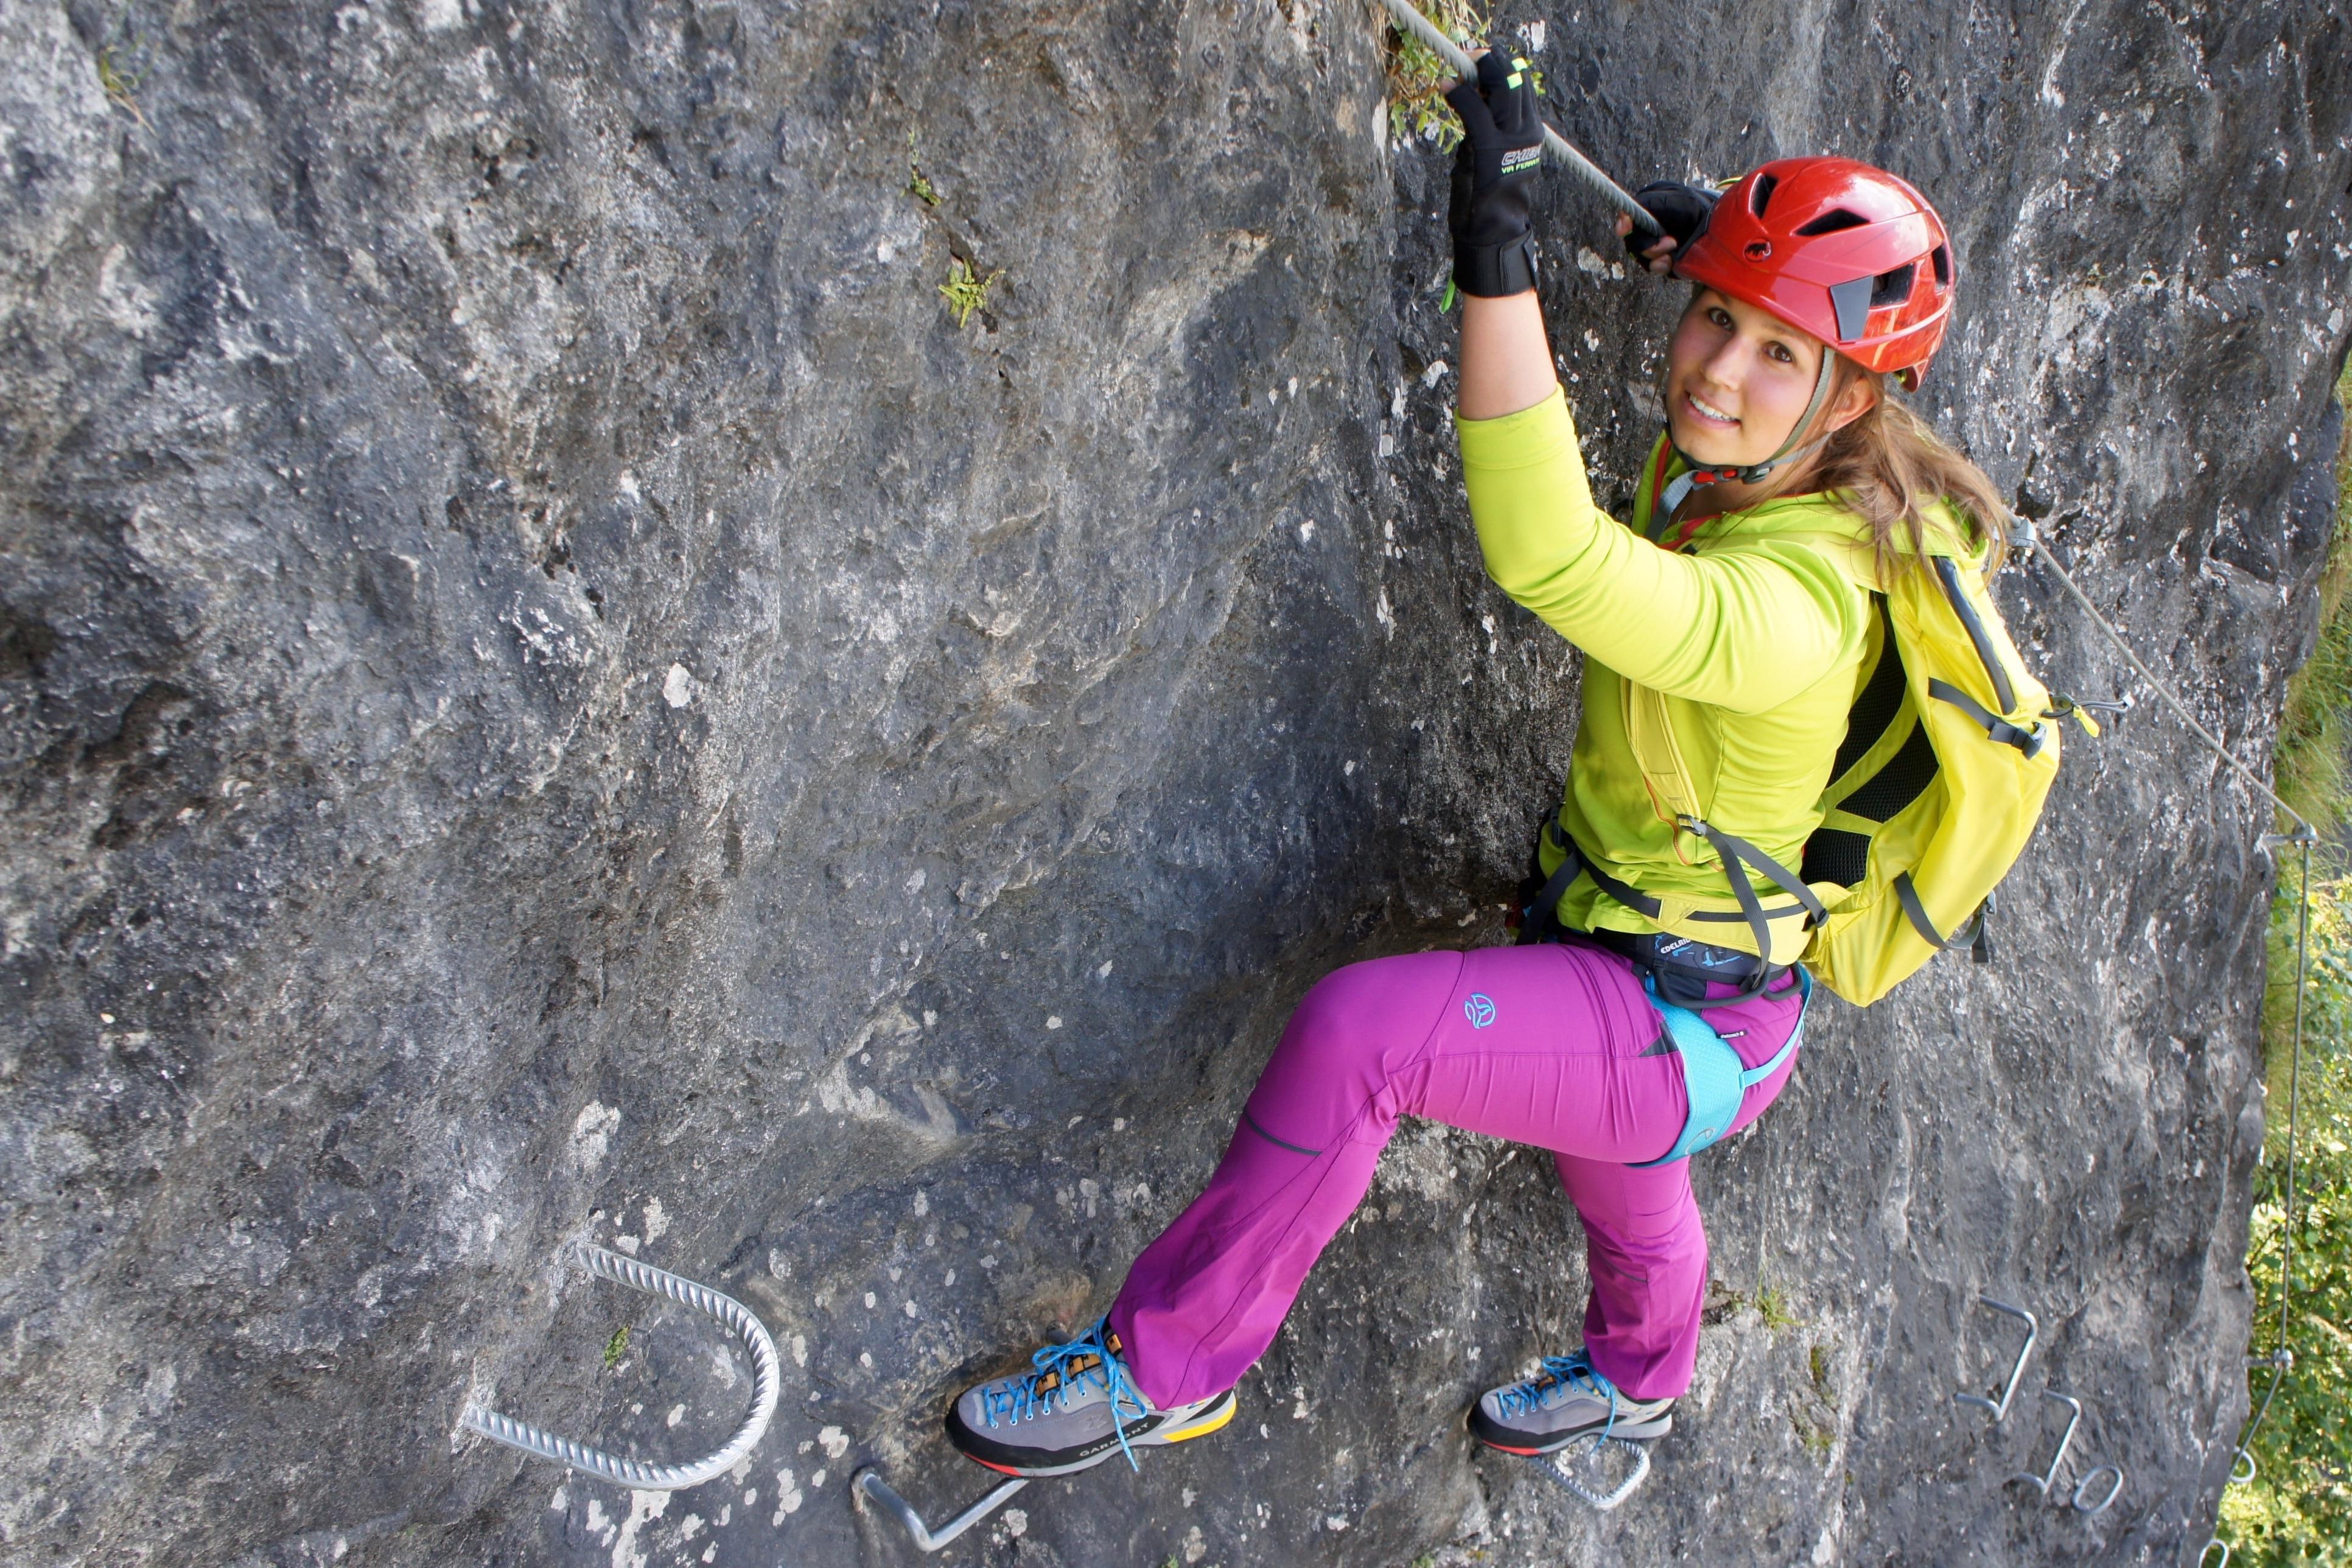 Klettergurt Für Halle Und Klettersteig : Klettergurt test die besten klettergurte im vergleich